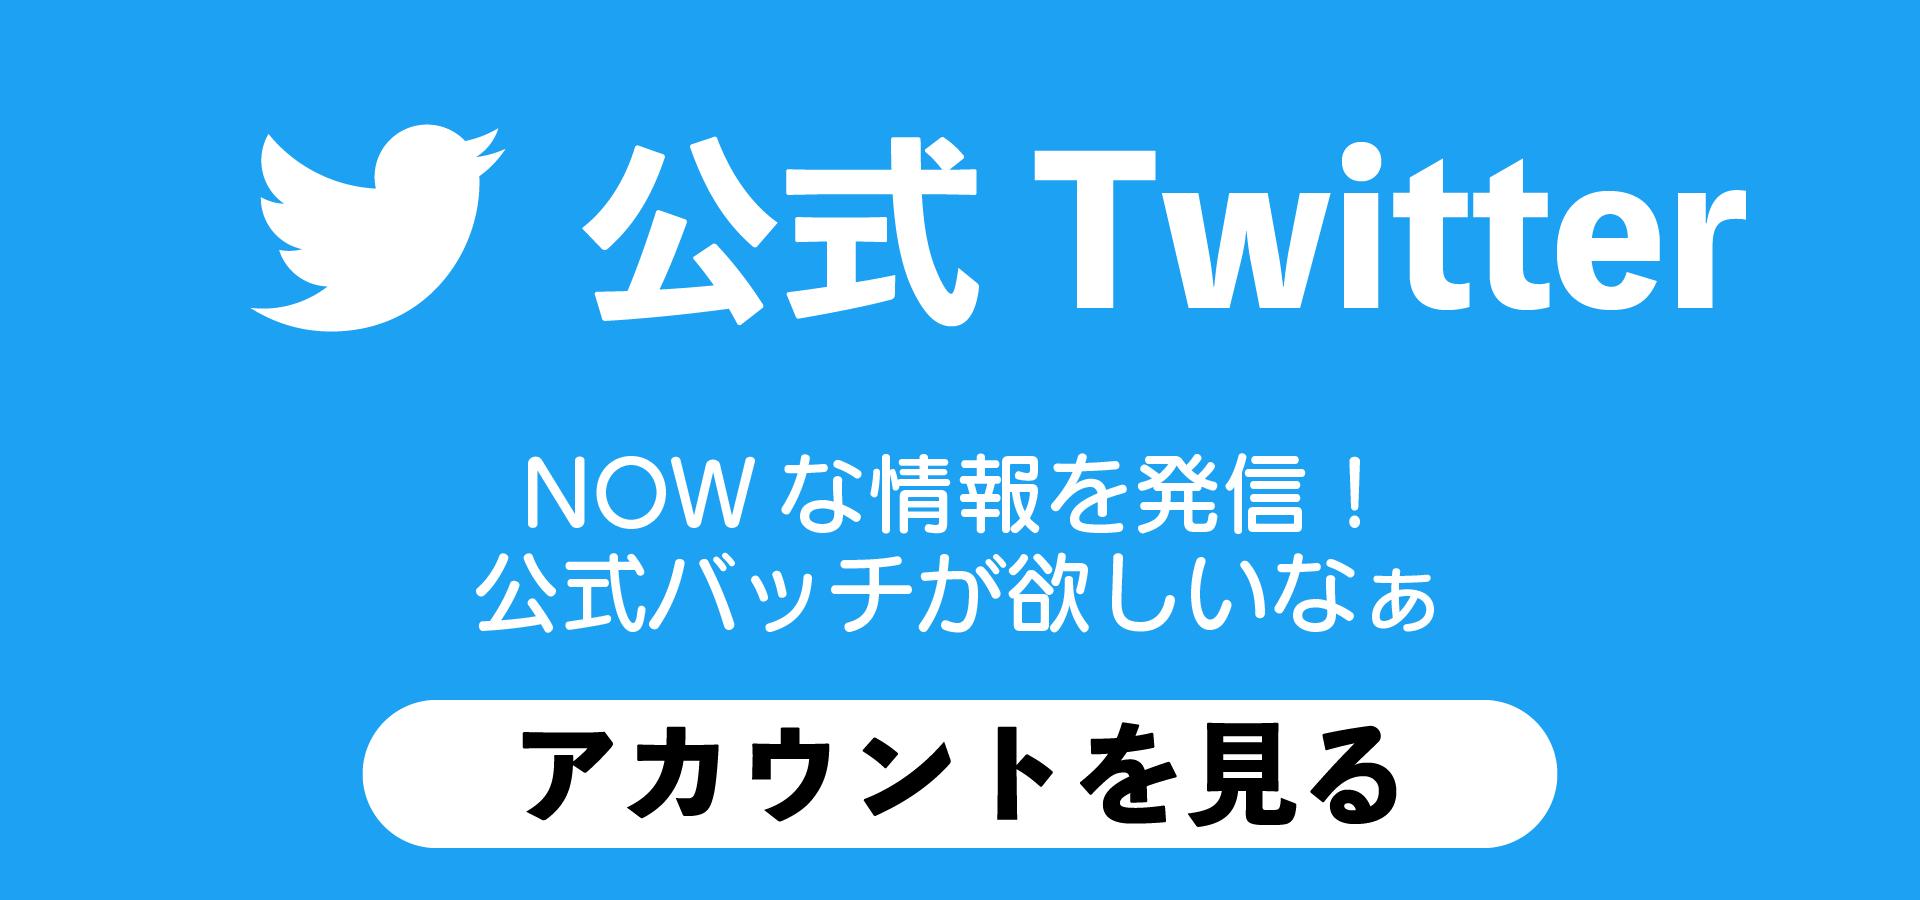 公式TwitterでNOWな情報を手に入れよう!